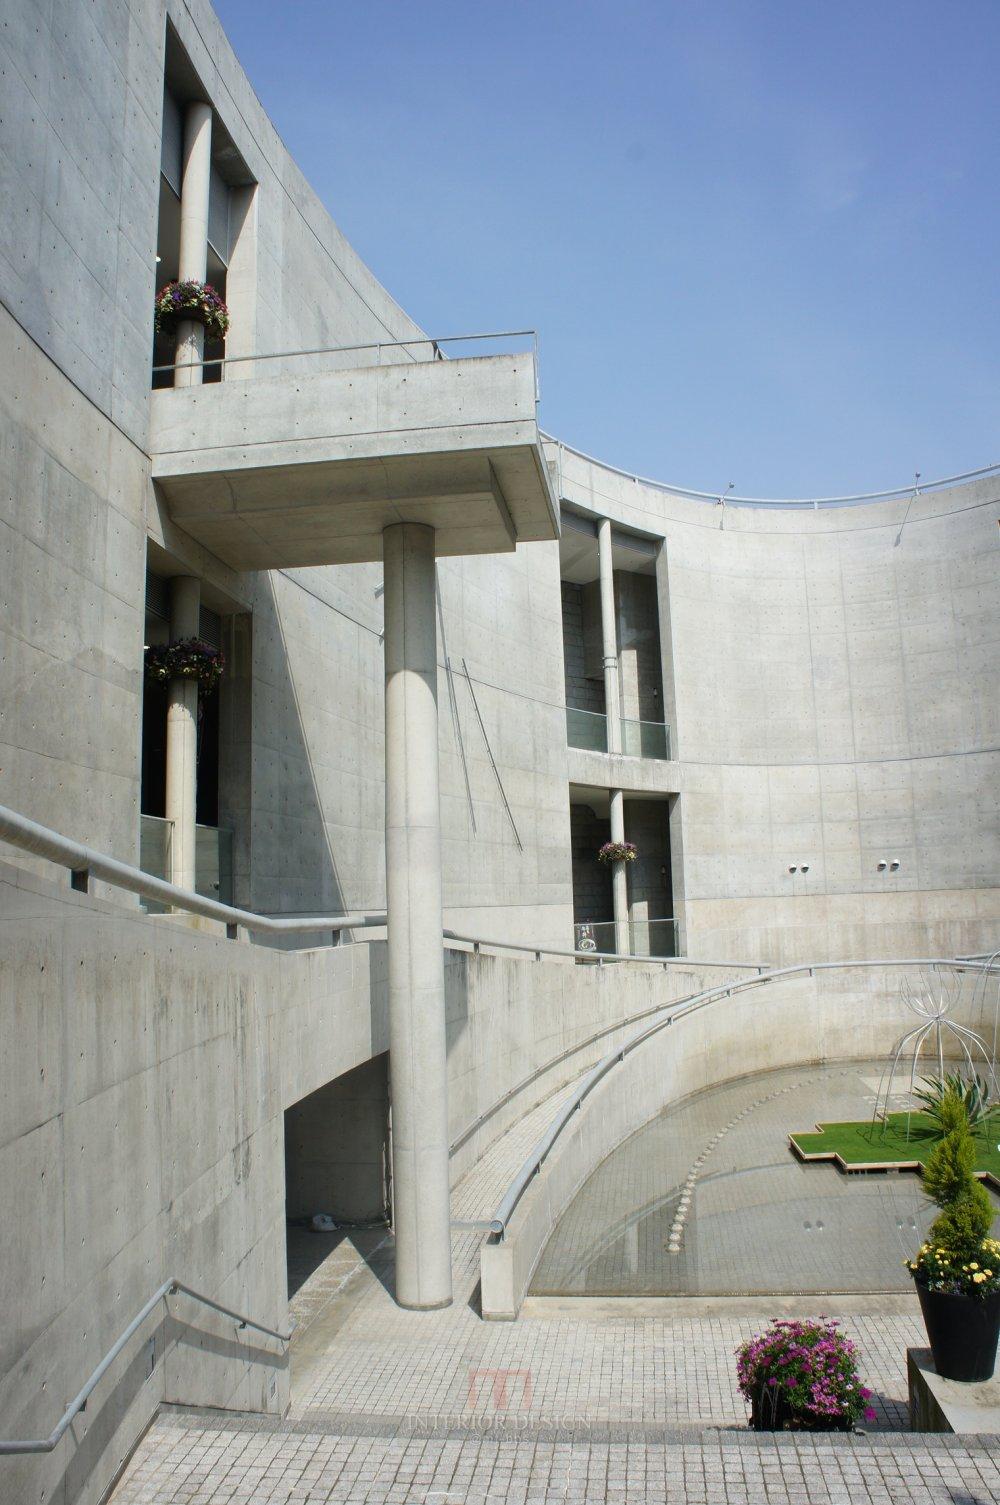 #伙伴一起看日本#  日本设计考察分享(更新美秀美术馆)_DSC05775.JPG